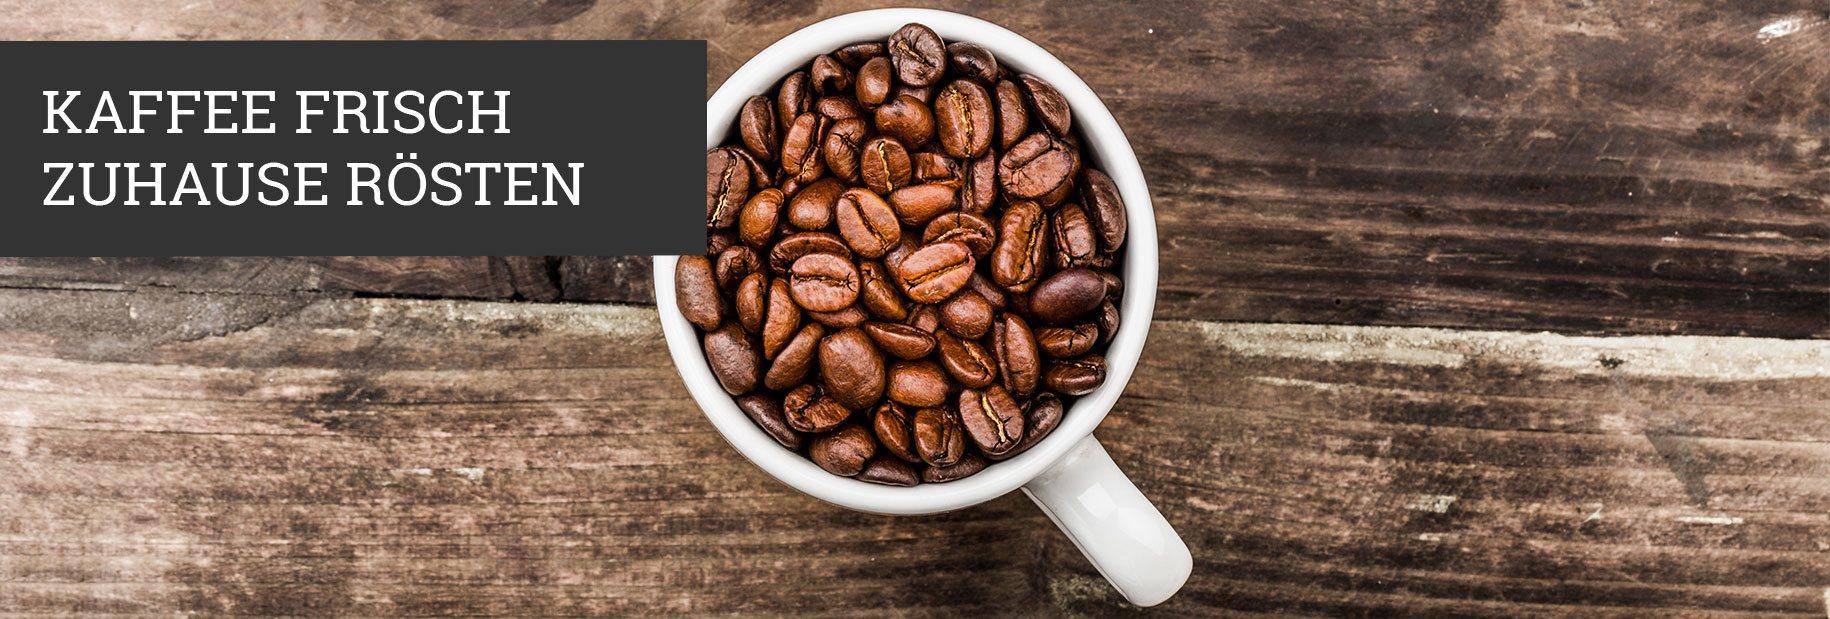 kaffee-roesten-rohkaffee-und-kaffeeroester-fuer-zuhause